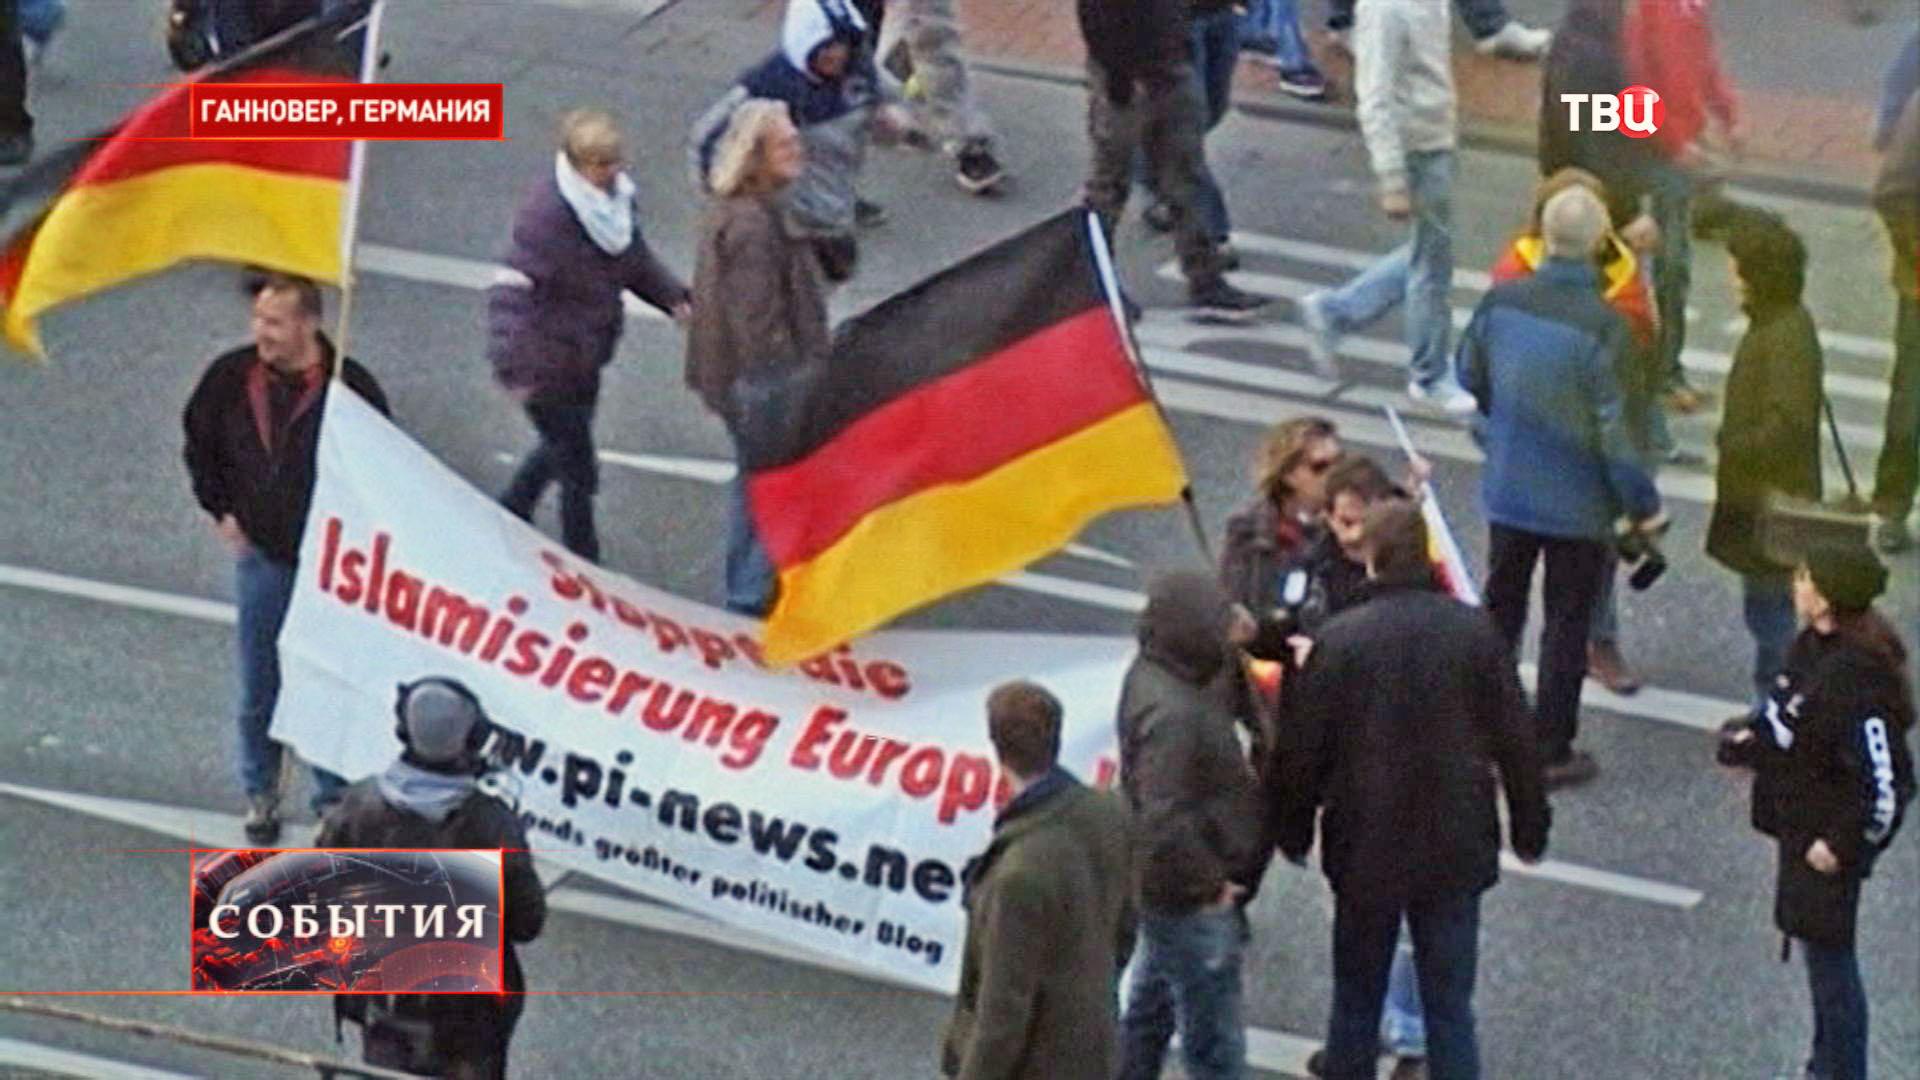 Демонстрация против салафитов в Германии